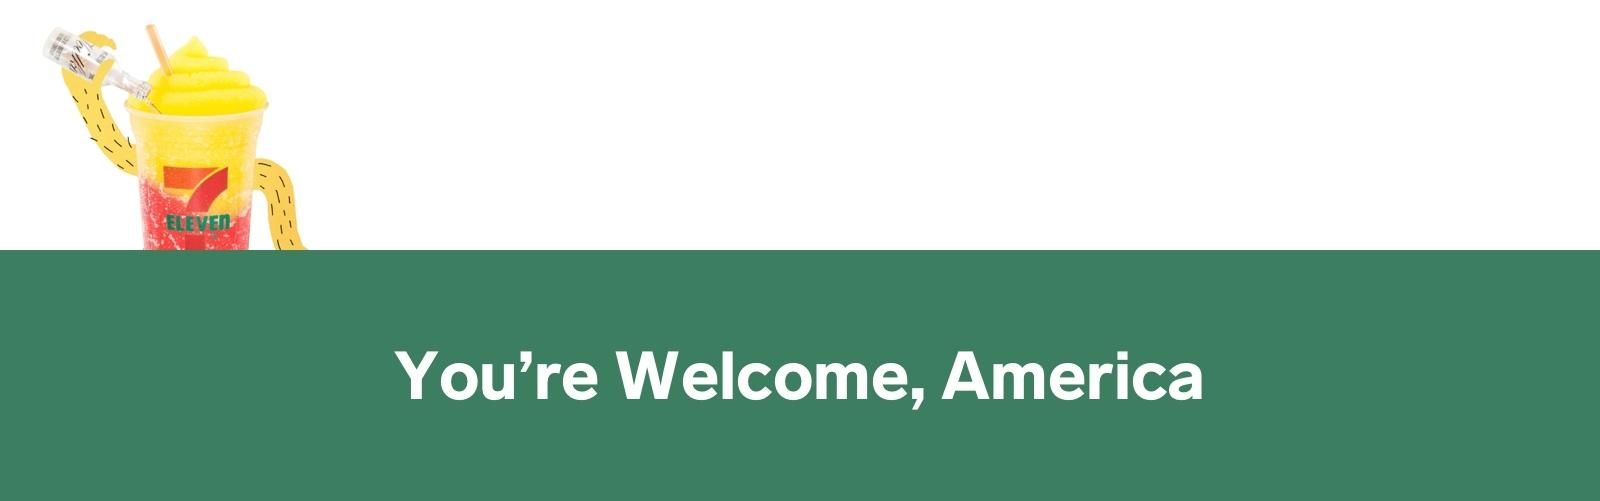 v2-Youre-Welcome-America.jpg